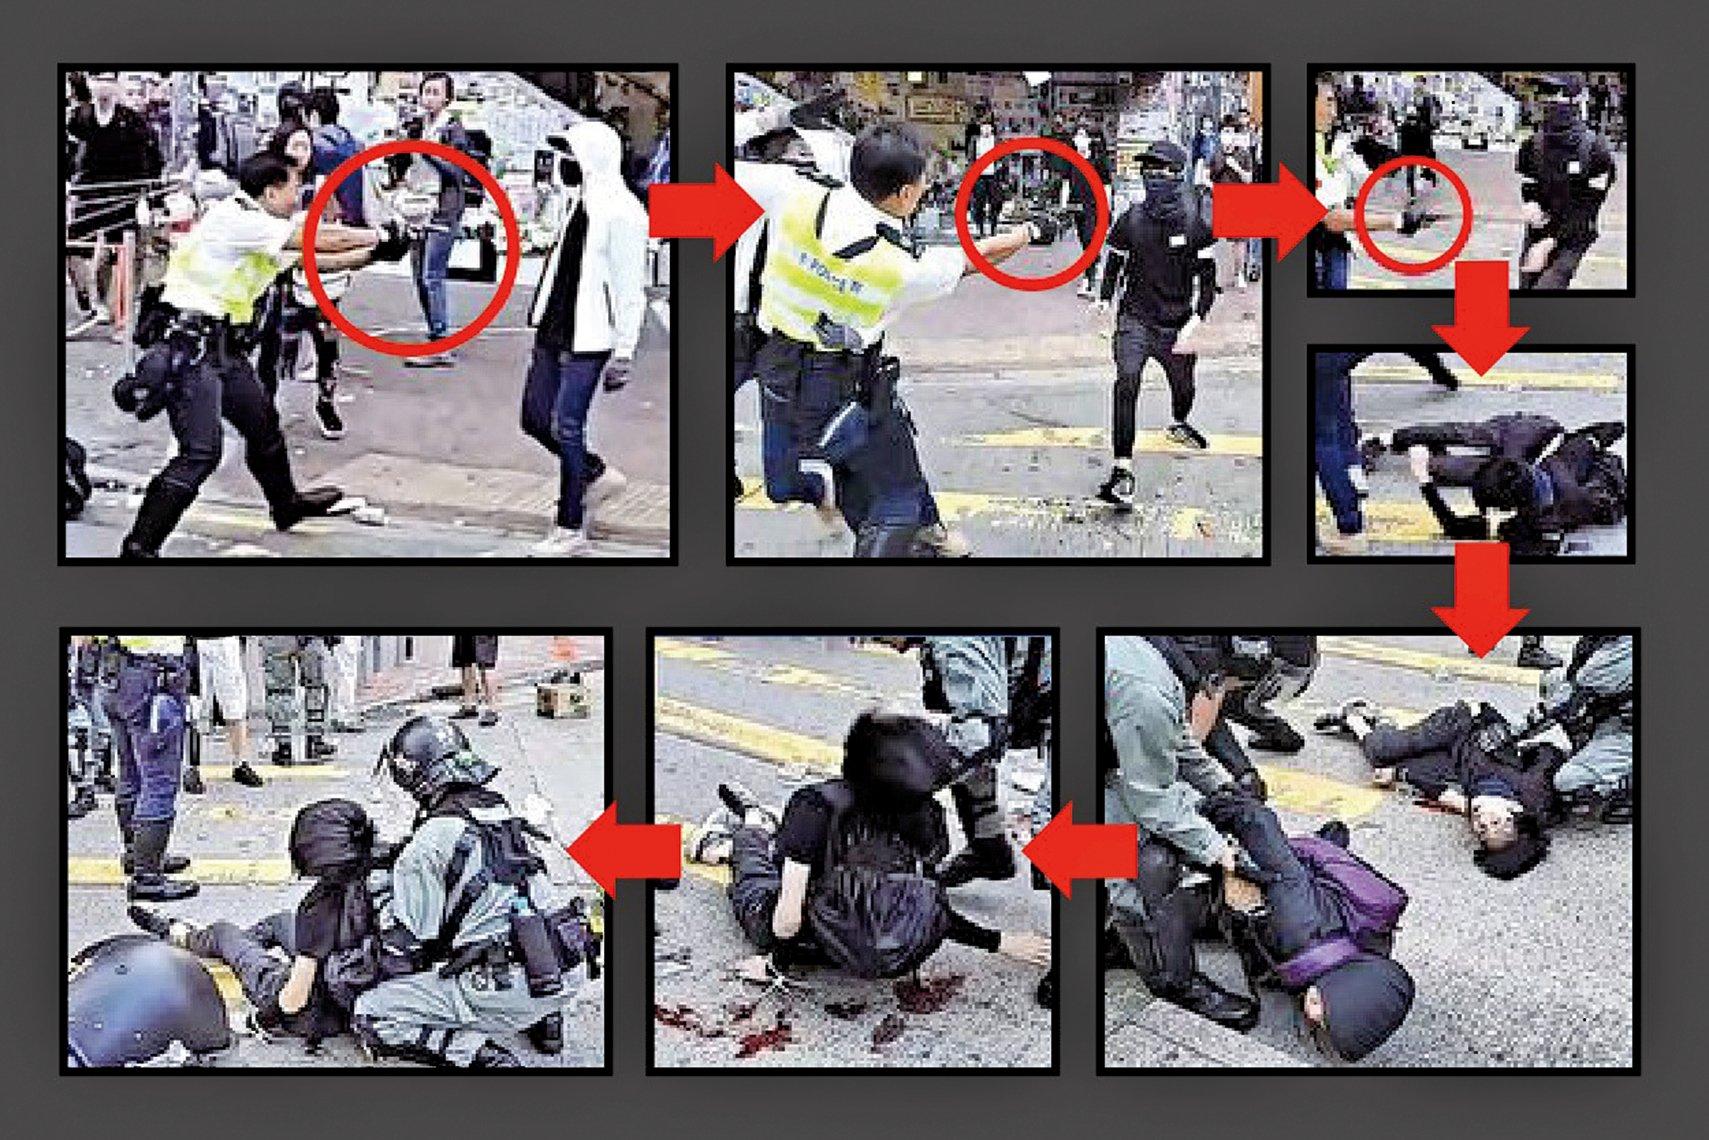 港人在雙十一發起三罷(罷工、罷課、罷市)抗爭日,演變成港警「大開殺戒」的血案日。圖為西灣河交警連開三真槍,令一名年輕人危在旦夕。(大紀元合成圖)